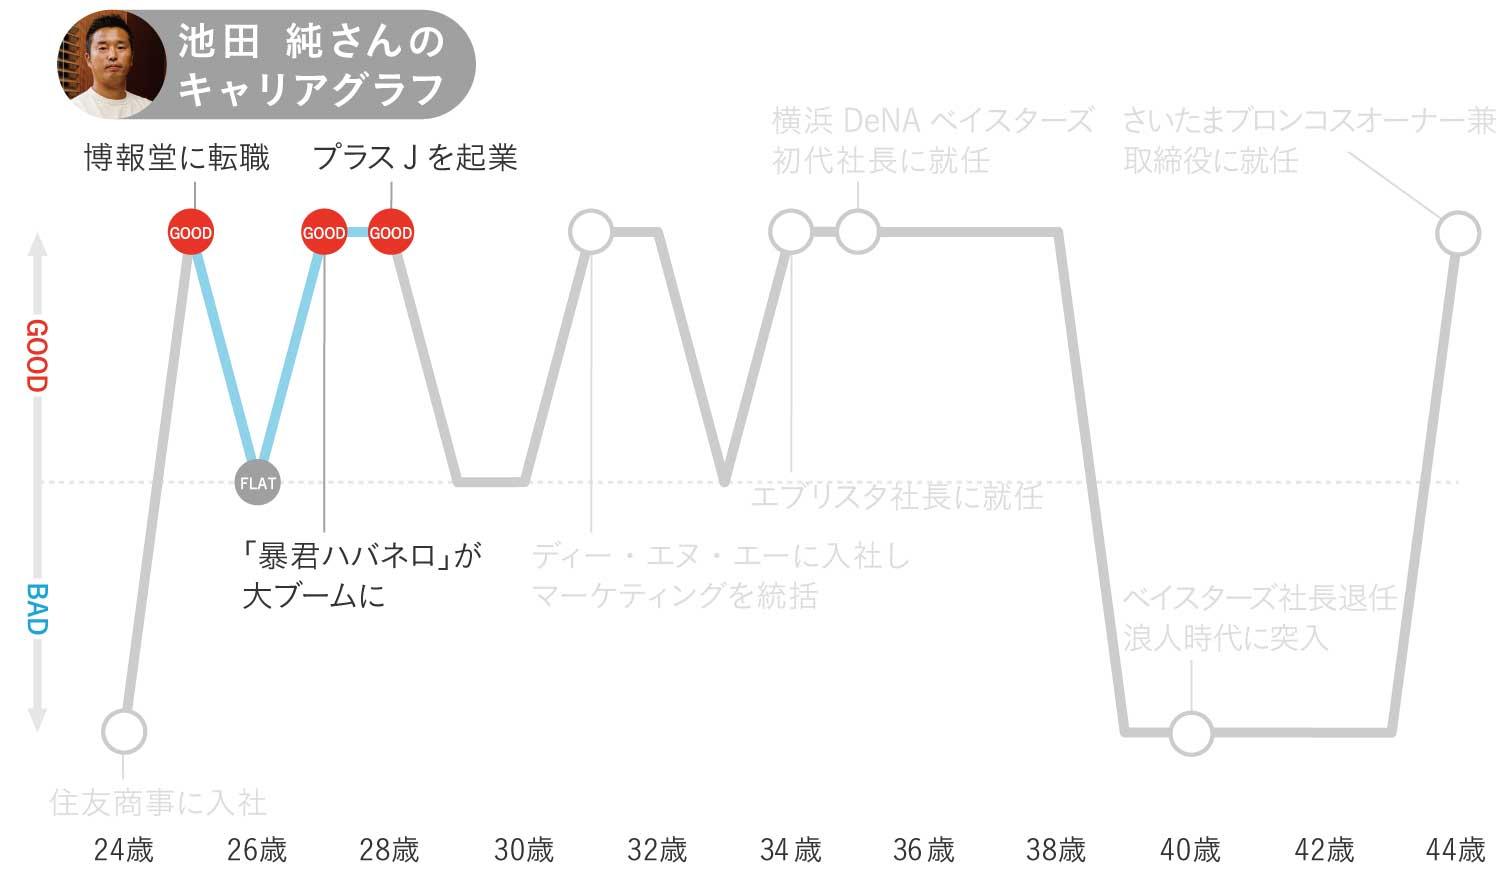 池田純さんのキャリアグラフ2